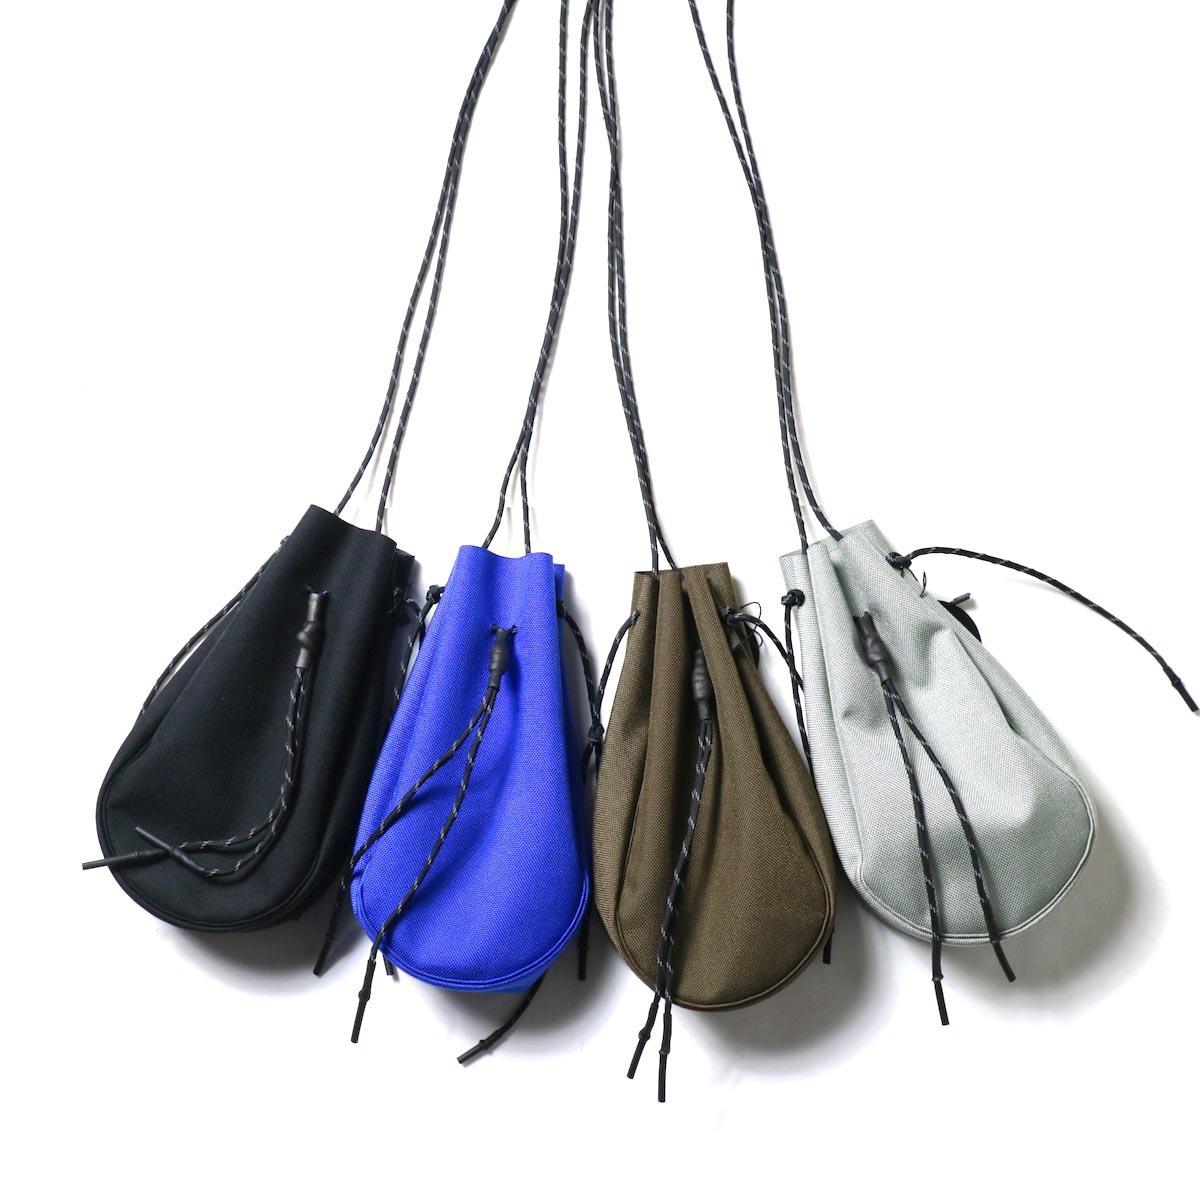 吉岡衣料店 / drawstring bag -S-. 4色